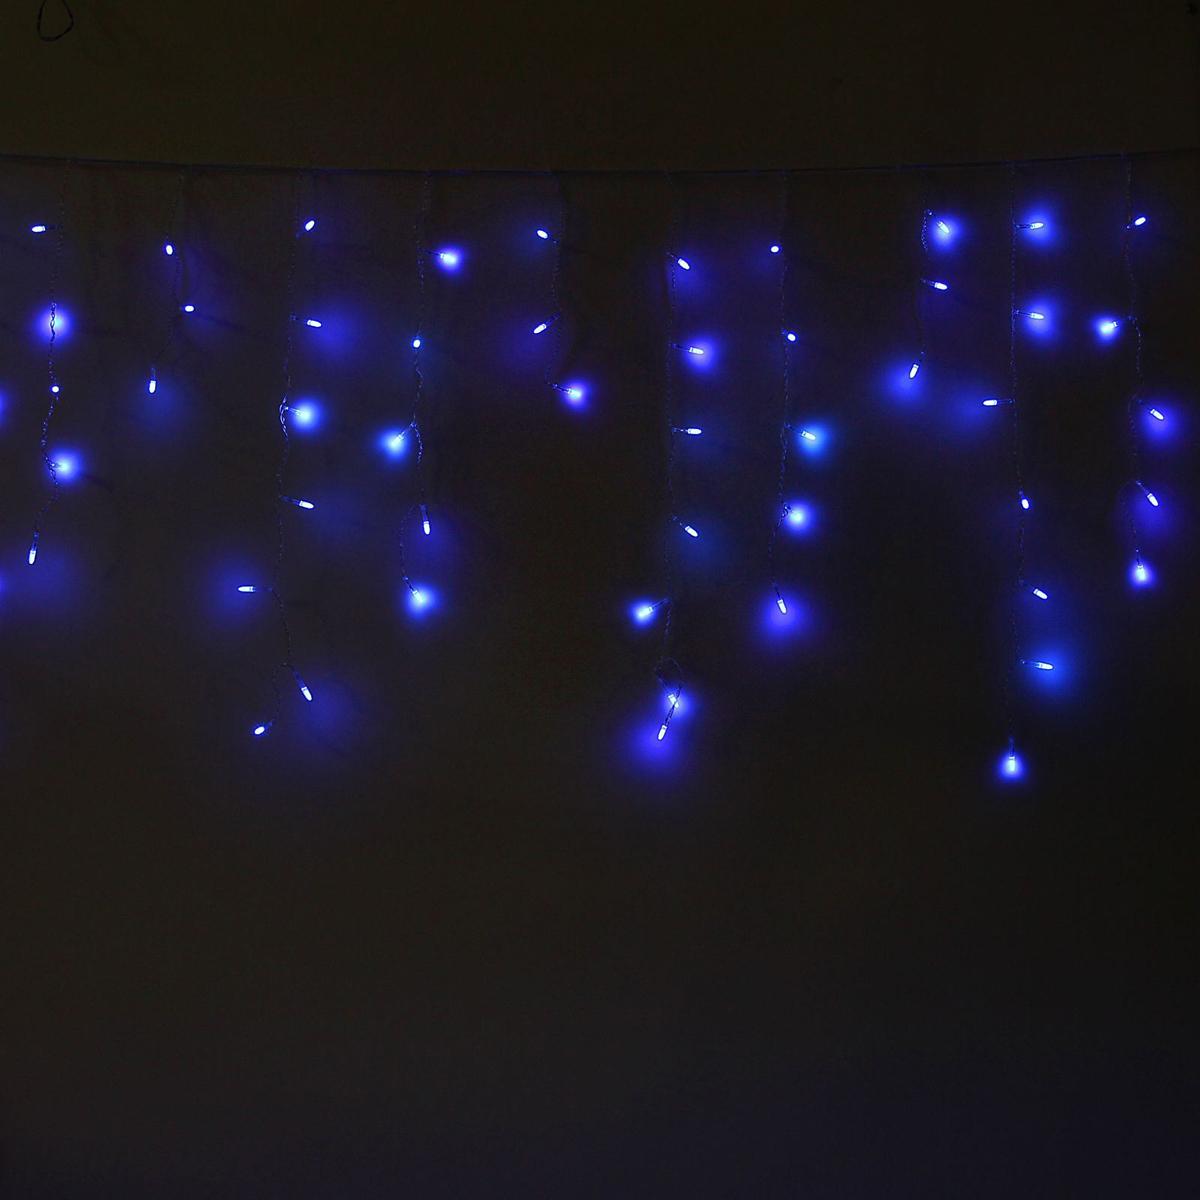 Гирлянда светодиодная Luazon Бахрома. Игла, 8 режимов, 60 ламп, 220 V, цвет: синий, 1,2 х 0,6 м. 10805321080532Светодиодные гирлянды, ленты и т.д — это отличный вариант для новогоднего оформления интерьера или фасада. С их помощью помещение любого размера можно превратить в праздничный зал, а внешние элементы зданий, украшенные ими, мгновенно станут напоминать очертания сказочного дворца. Такие украшения создают ауру предвкушения чуда. Деревья, фасады, витрины, окна и арки будто специально созданы, чтобы вы украсили их светящимися нитями.